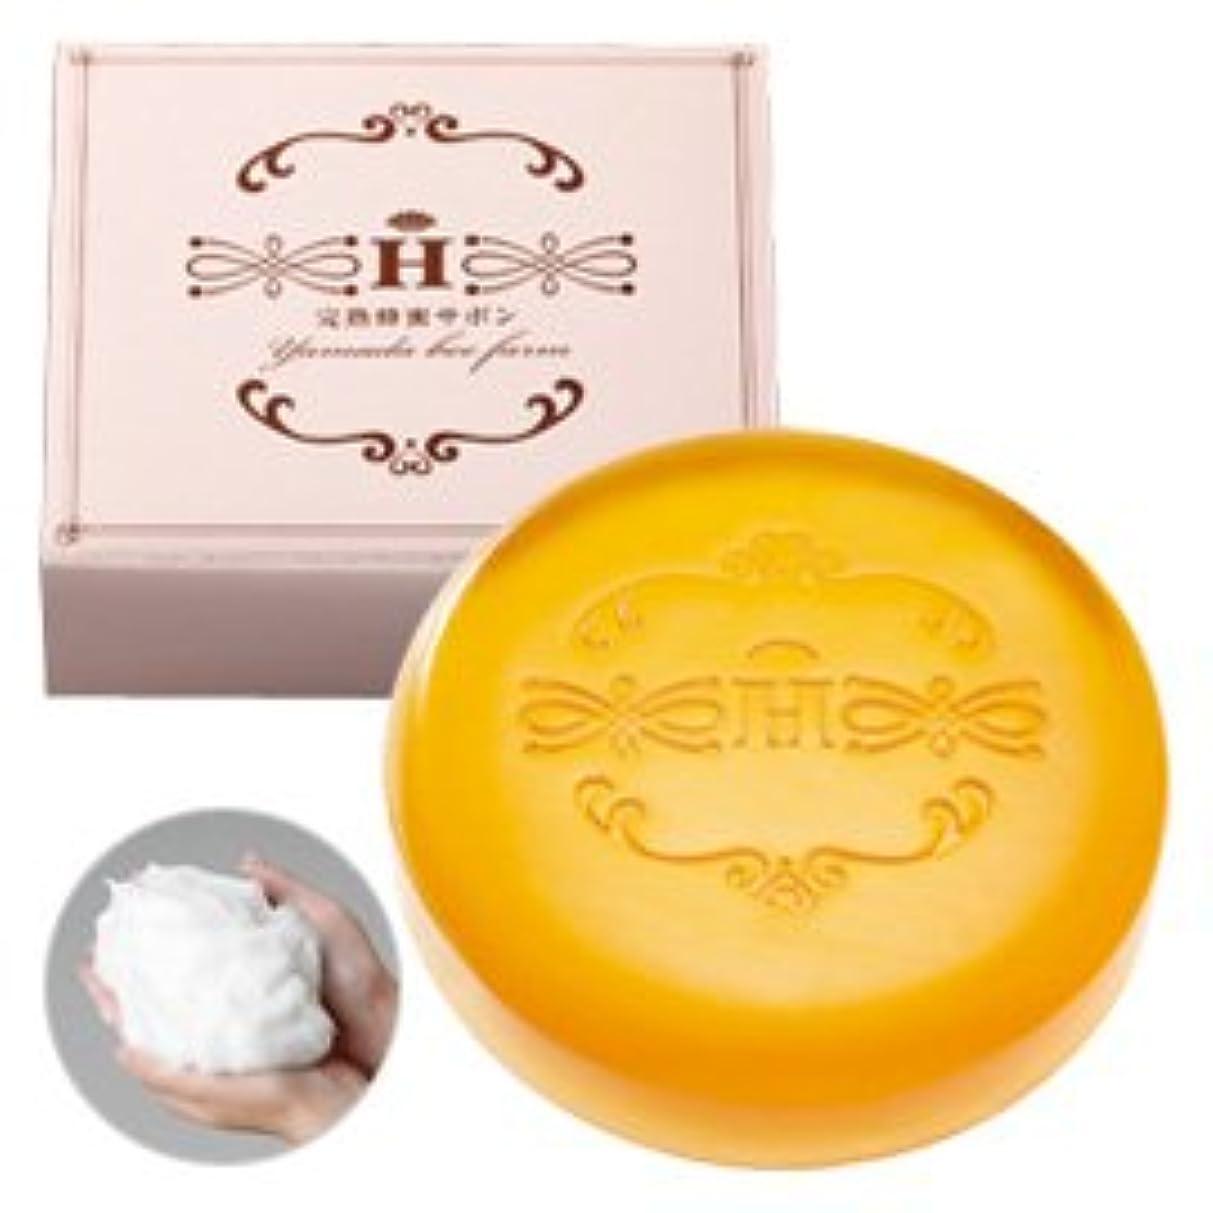 無駄な仕出します重要なハニーラボ 完熟蜂蜜サボン〈枠練〉 60g (箱入り)/Honey Lab Ripen Honey Soap <60g> In a box